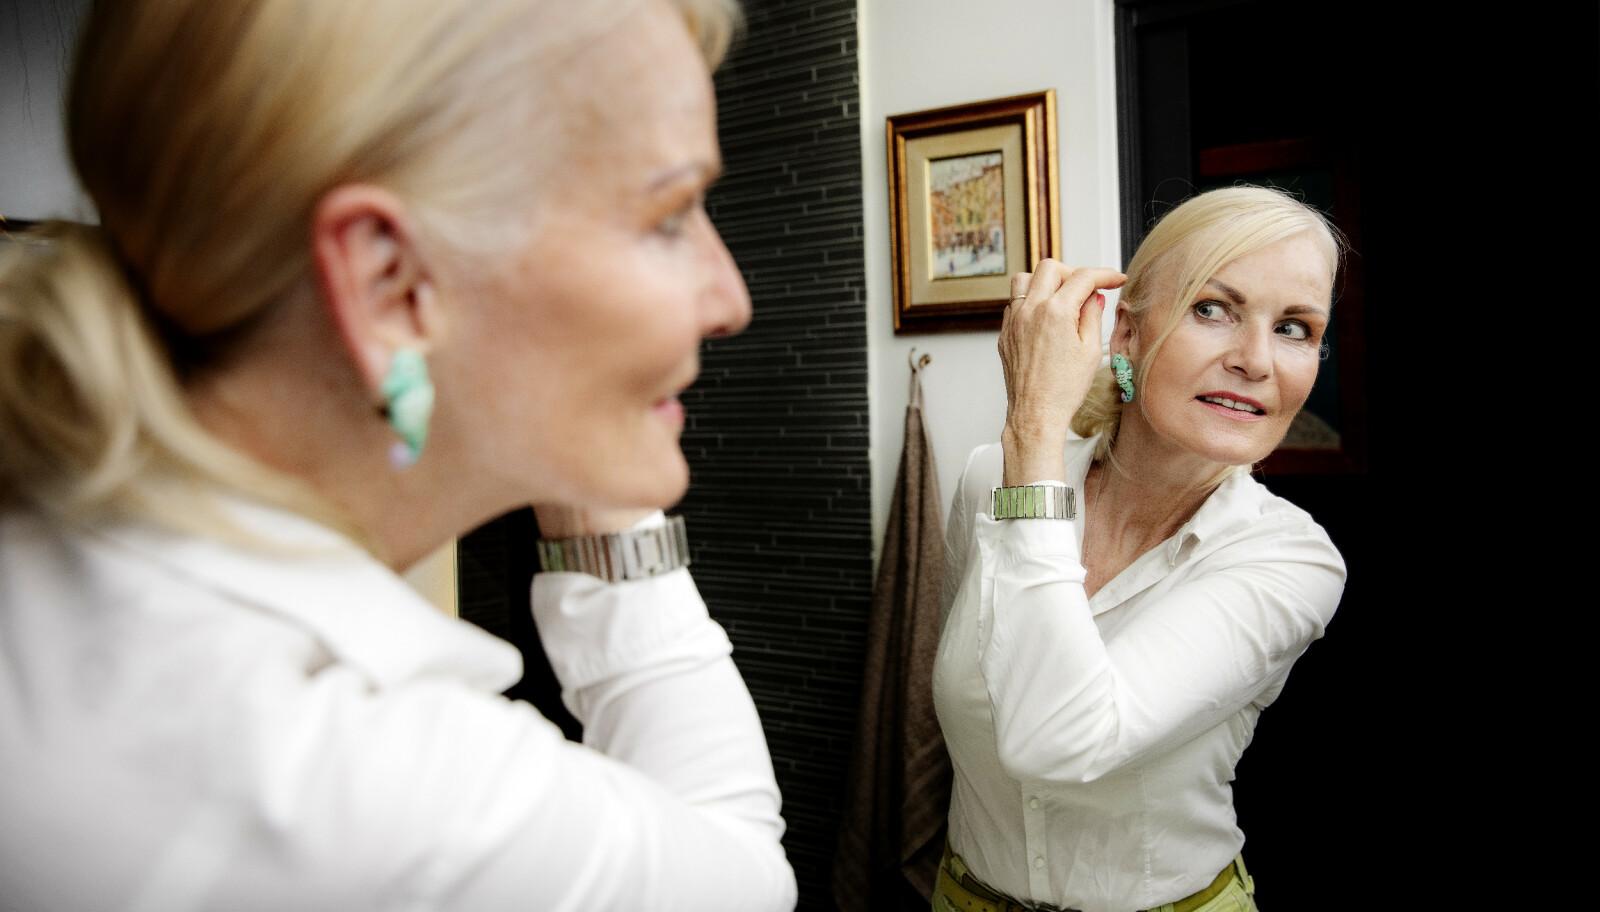 PRIORITERER UTSEENDET: Marit Bakke har blant annet fikset på huden på halsen og tar jevnlig injeksjoner med botox. - Jeg bryr meg ikke om hva folk mener, sier hun. Foto: Nina Hansen/Dagbladet